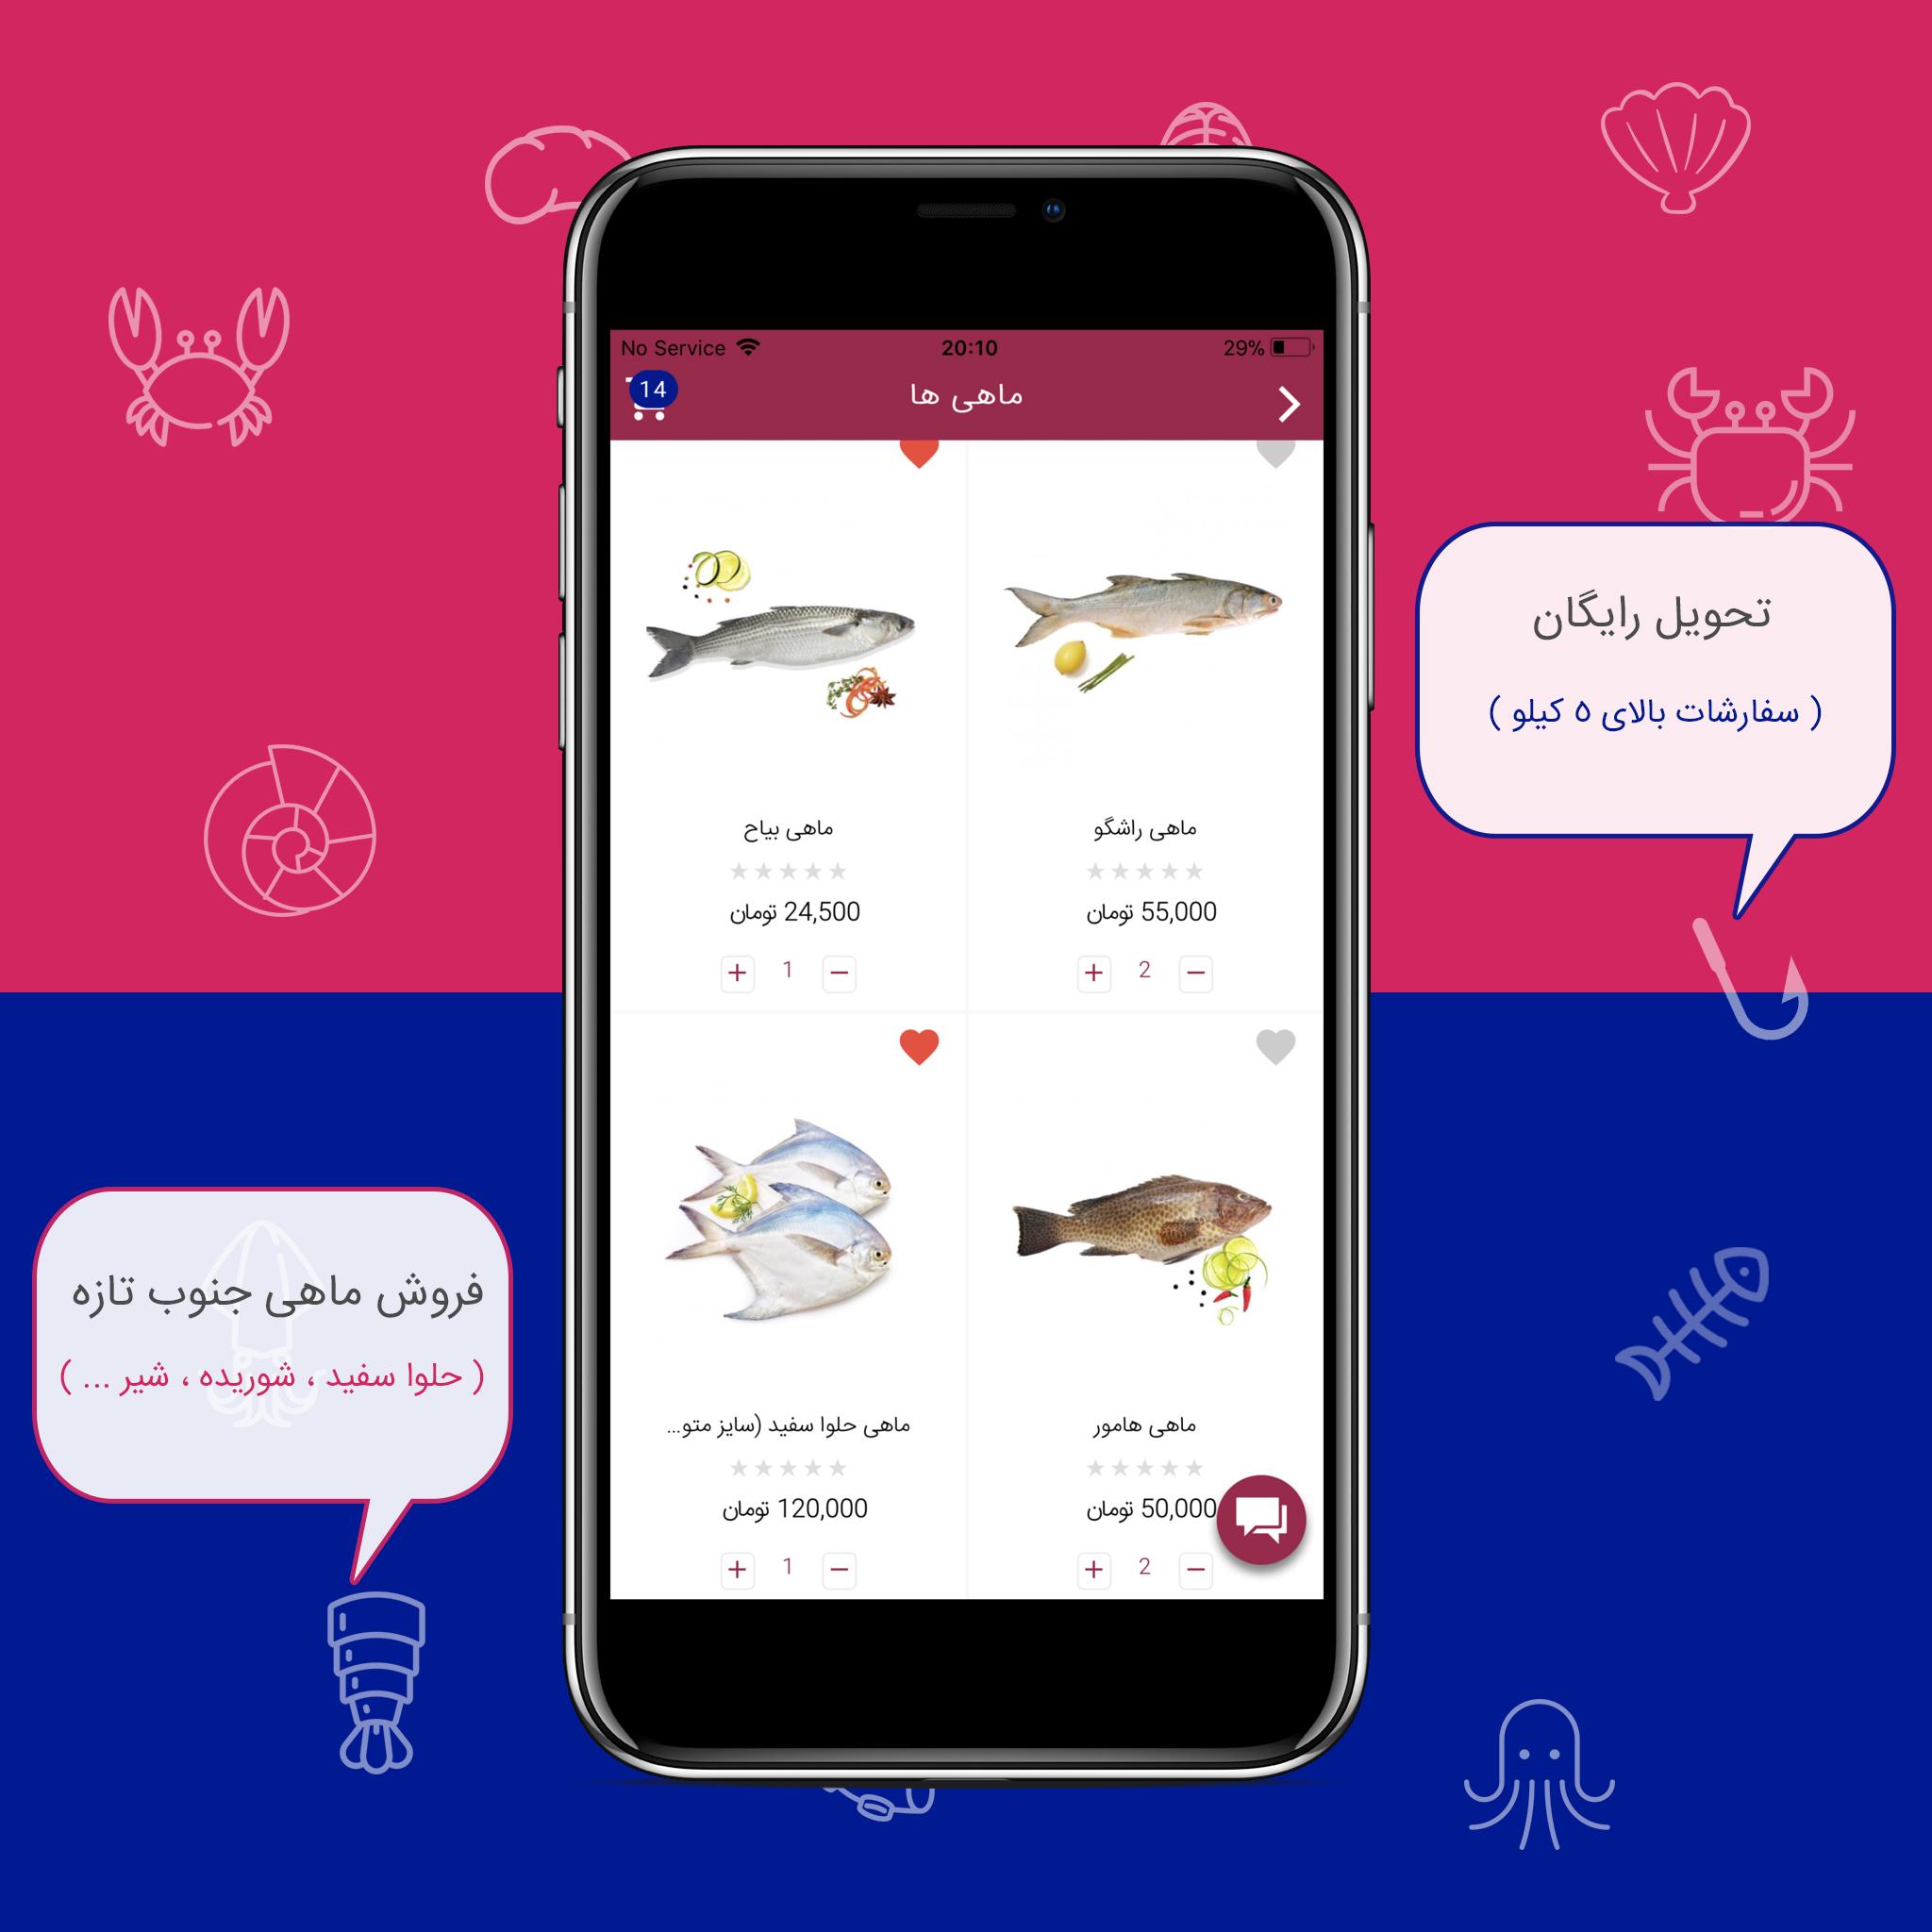 فروش ماهی و میگو تازه جنوب در فیش اپ